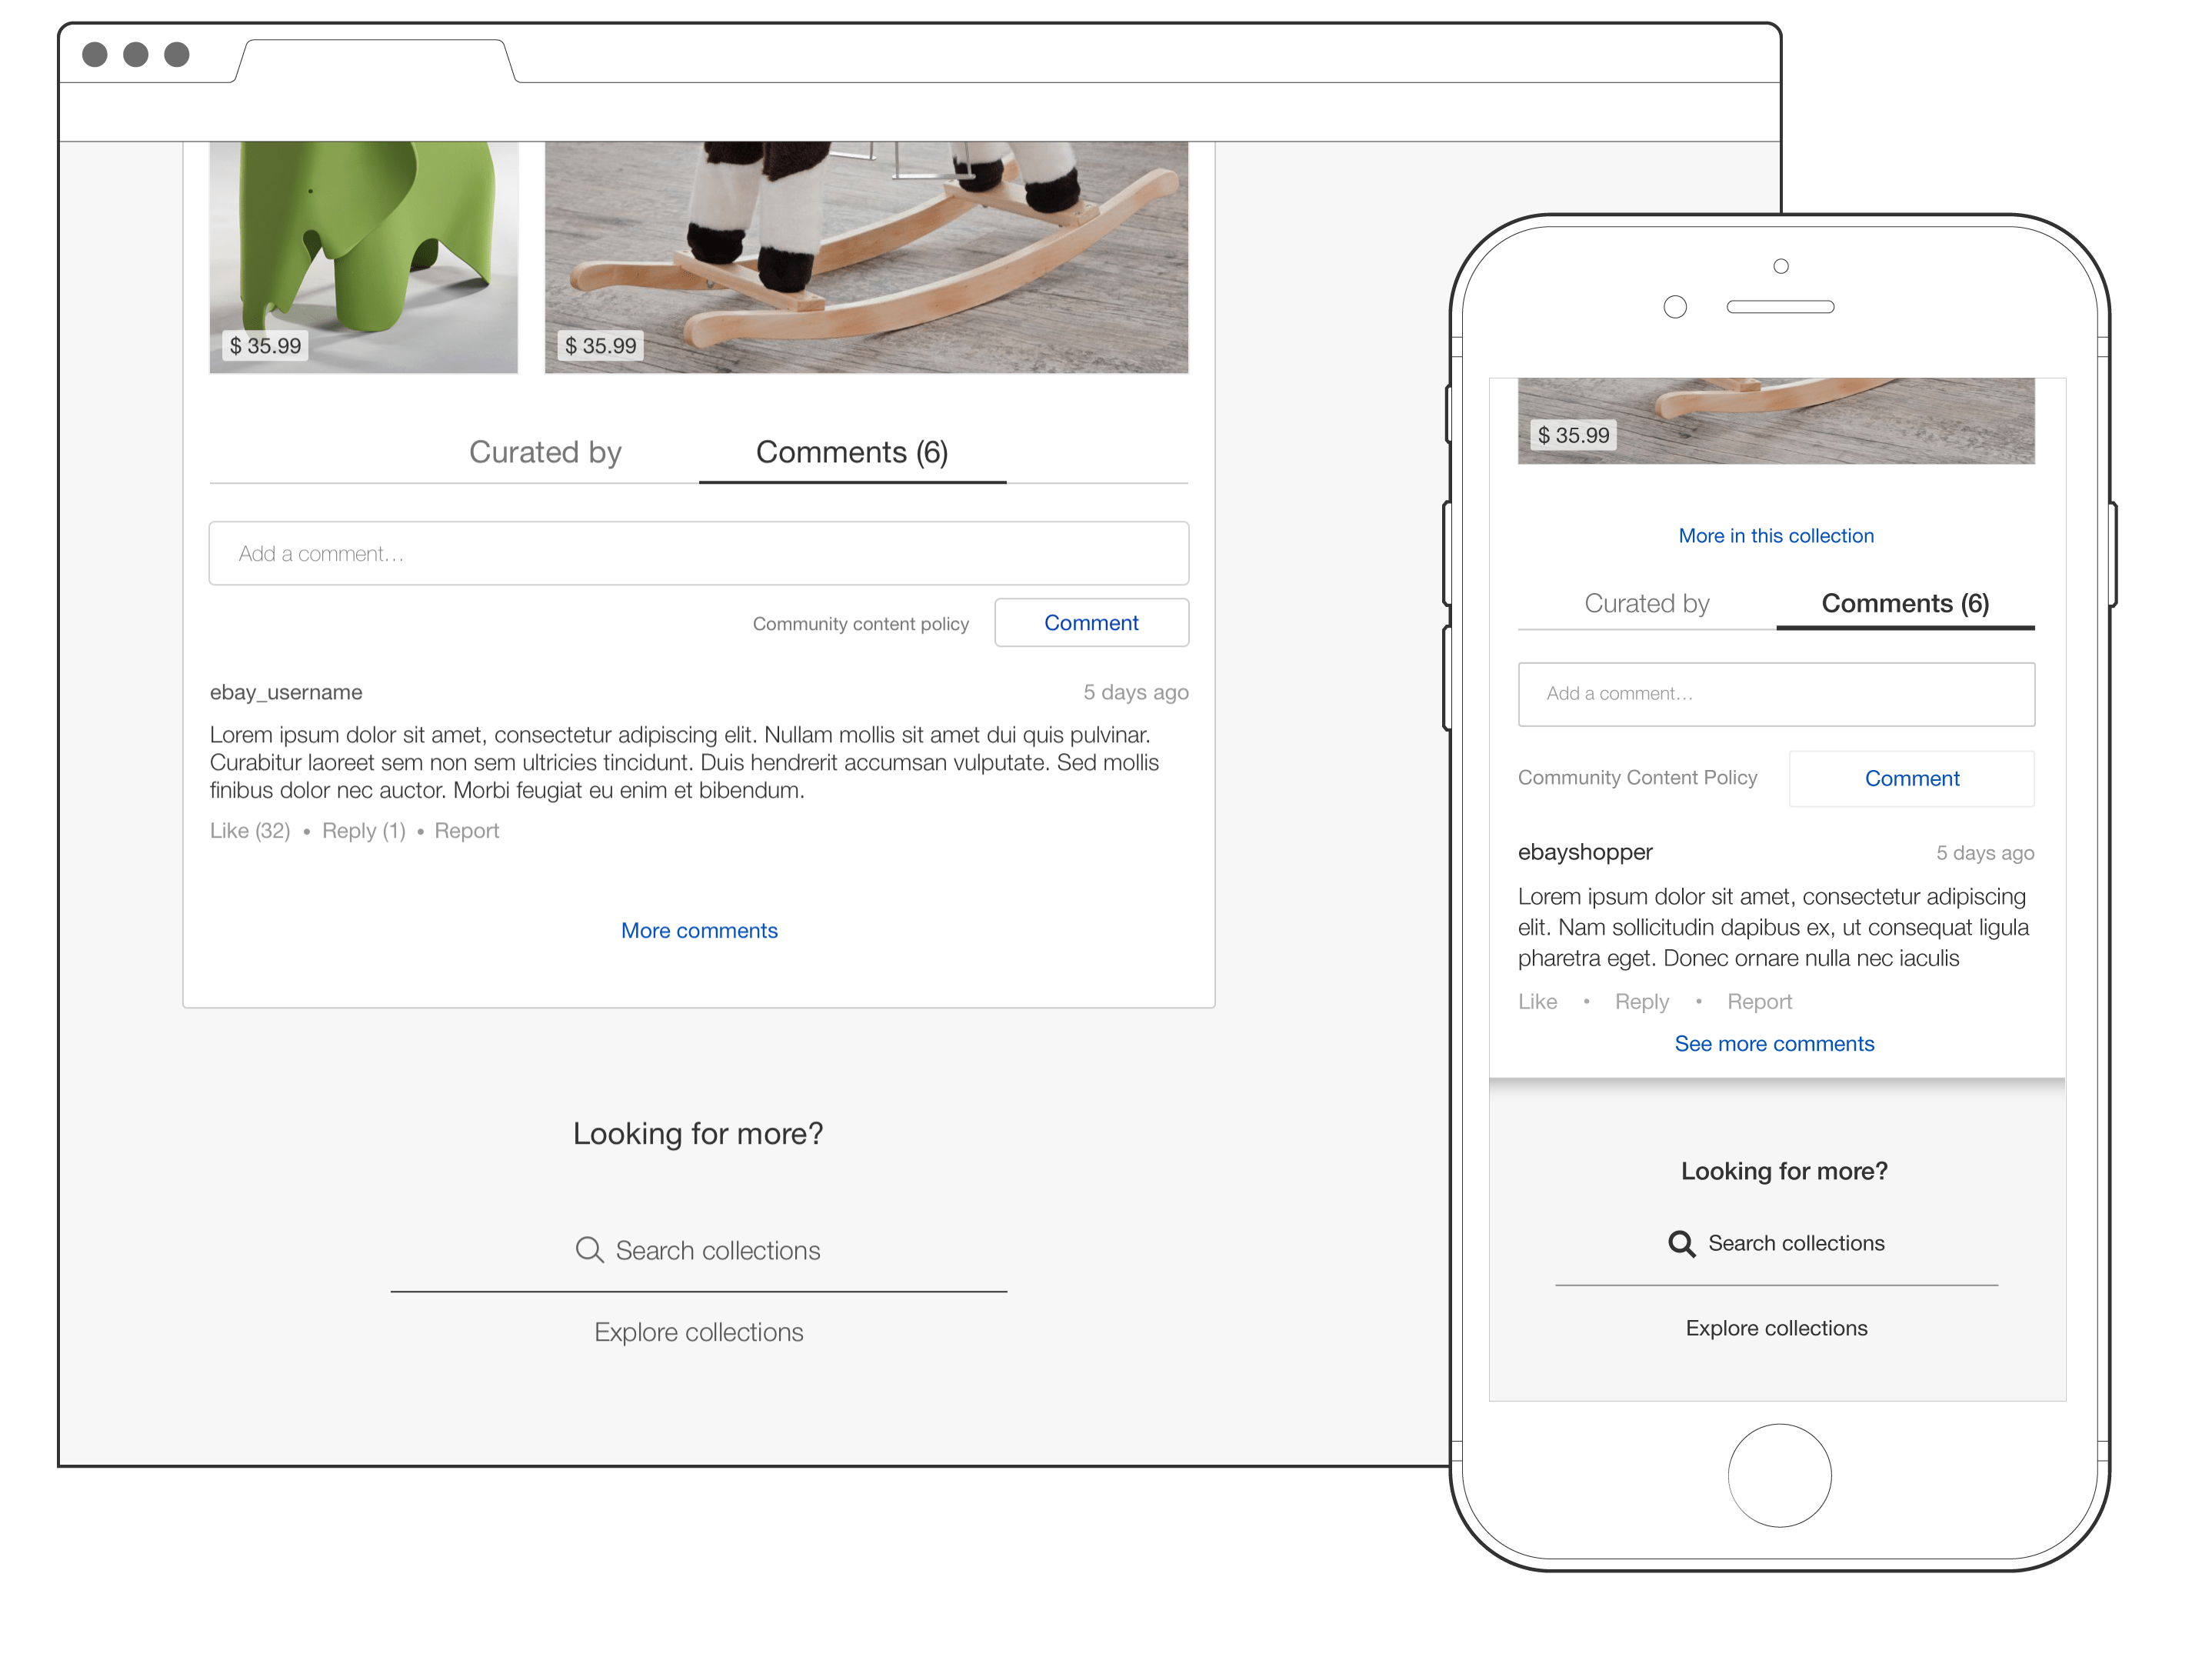 dweb-comments